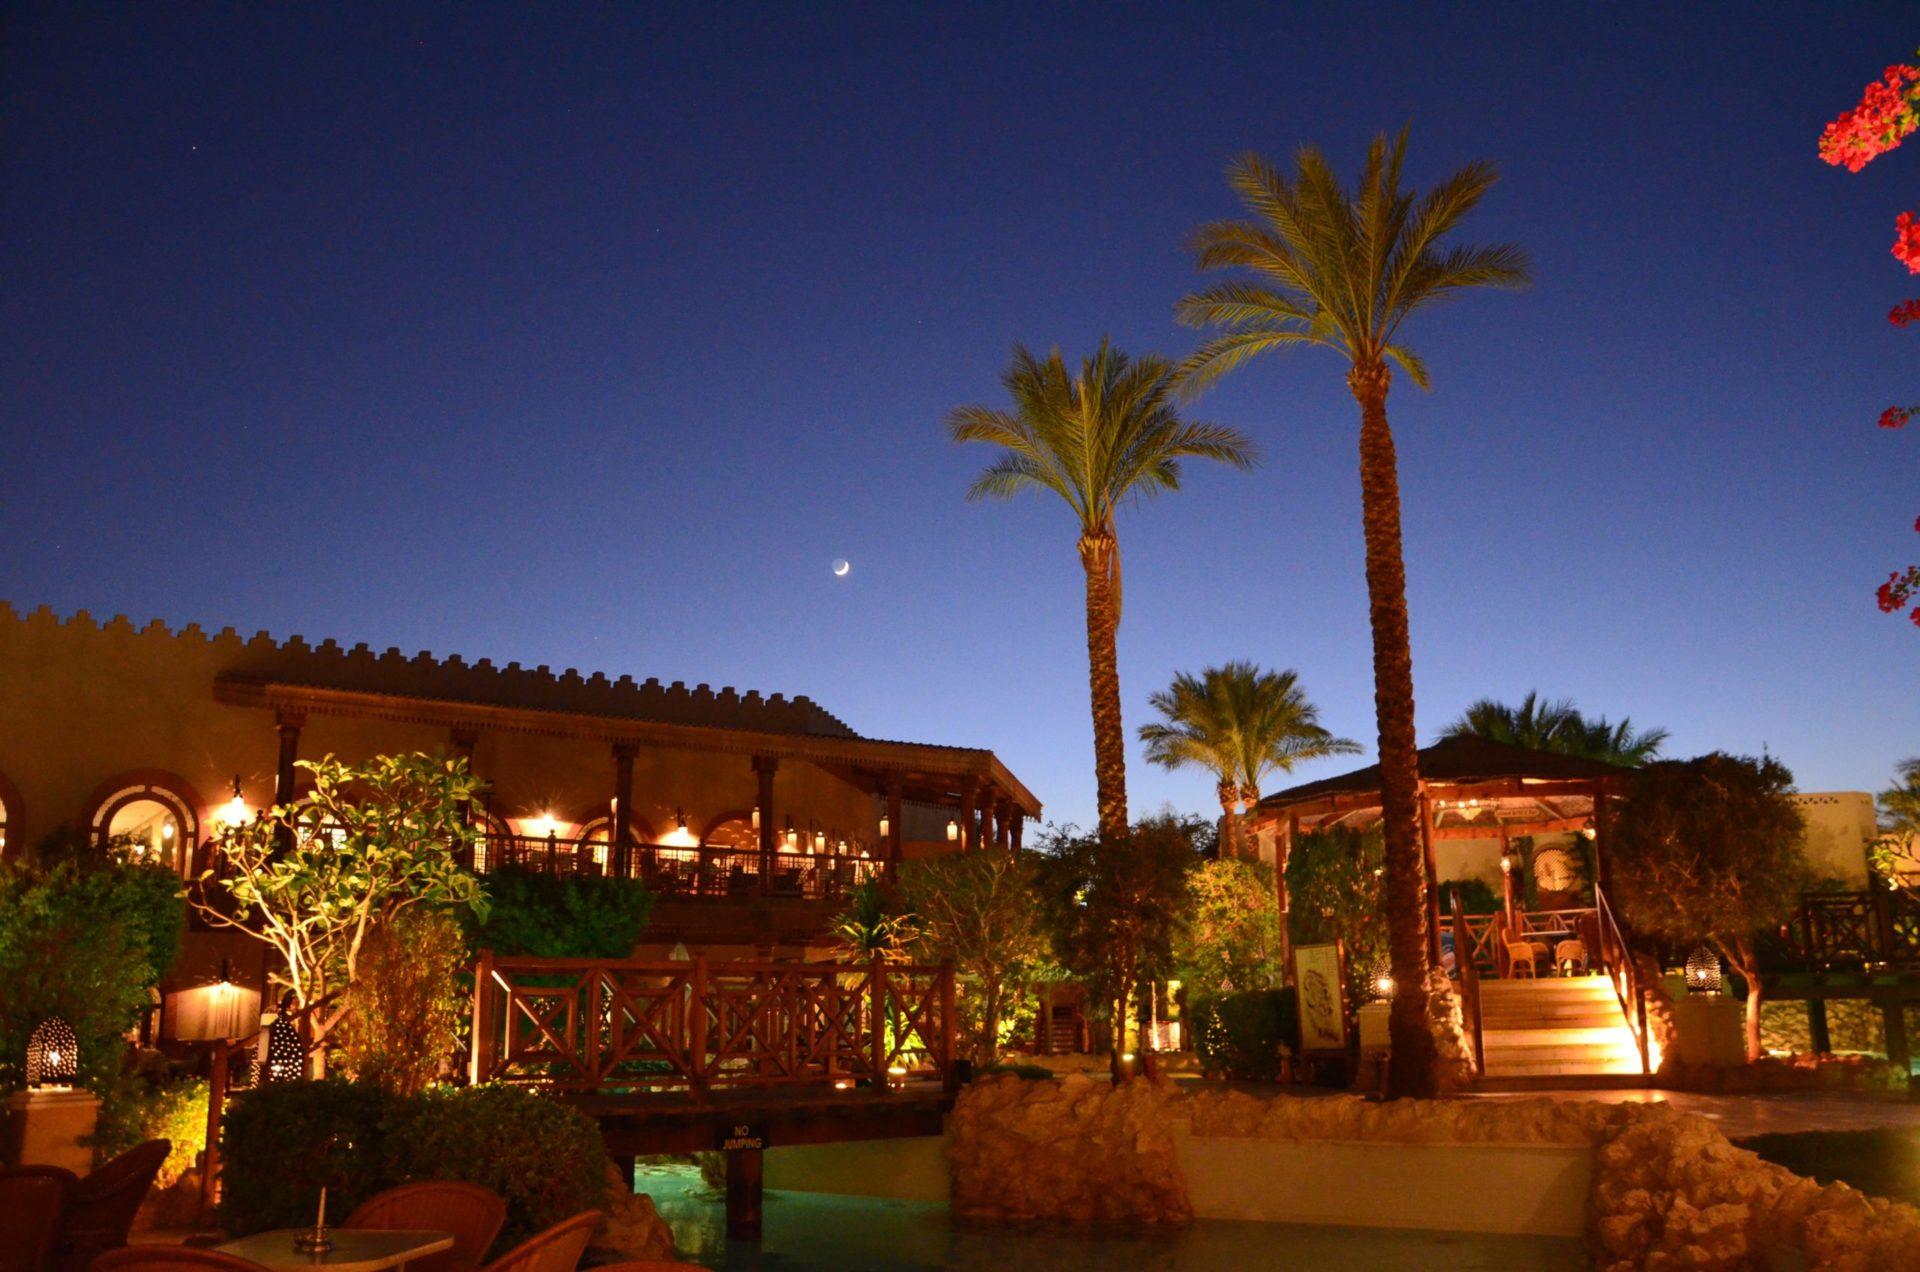 Wassertemperatur Sharm el Sheikh: Malerische Hotelanlage mit Palmen bei Nacht